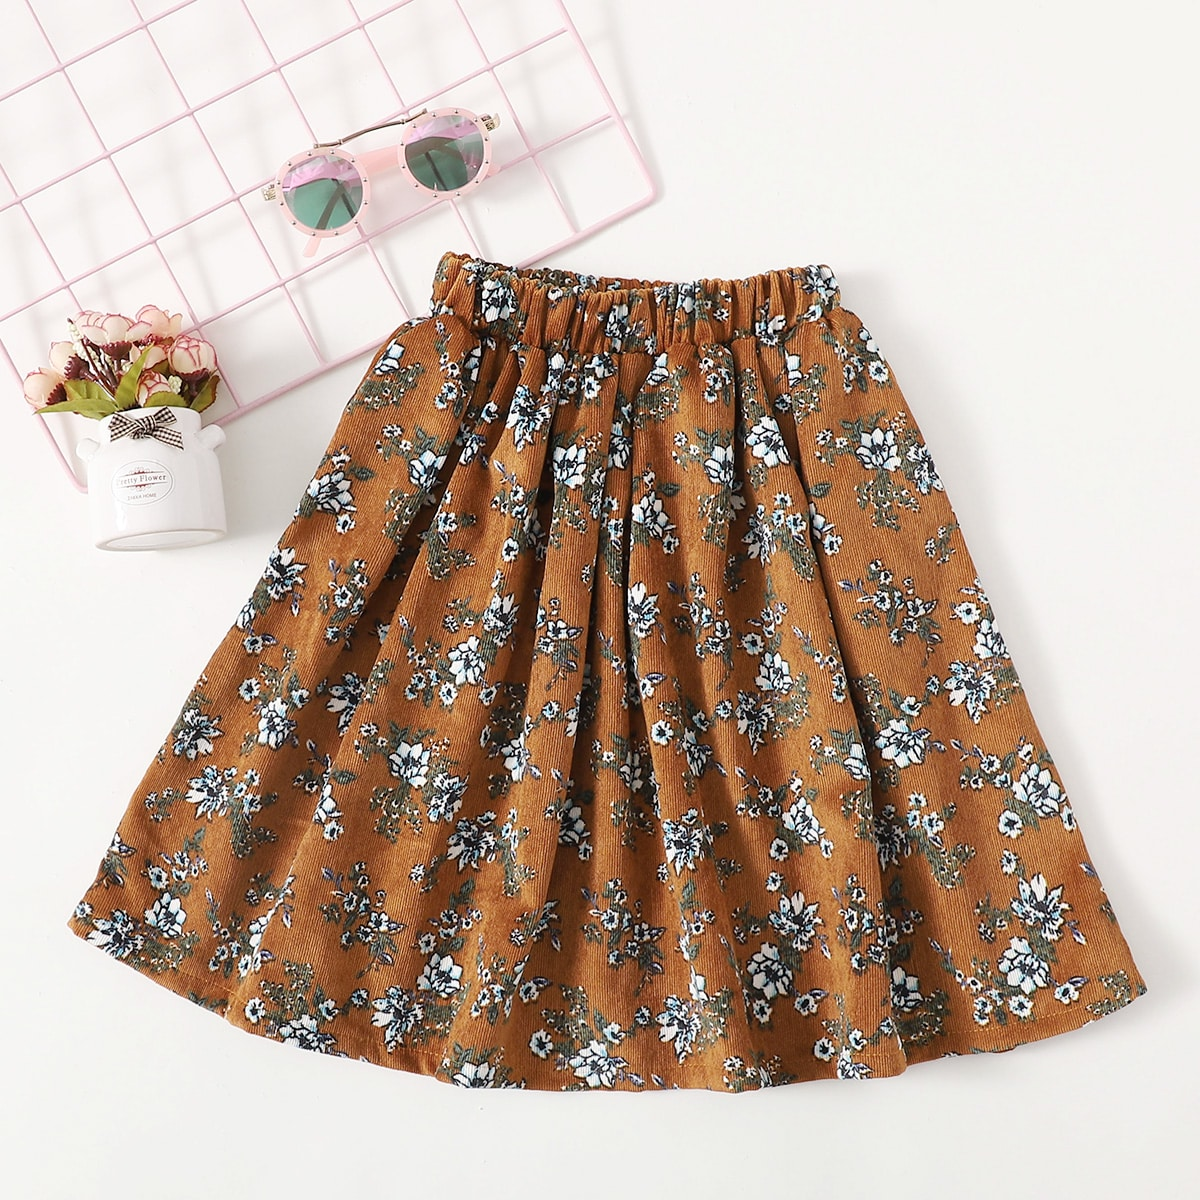 Цветочный повседневный юбки для девочек